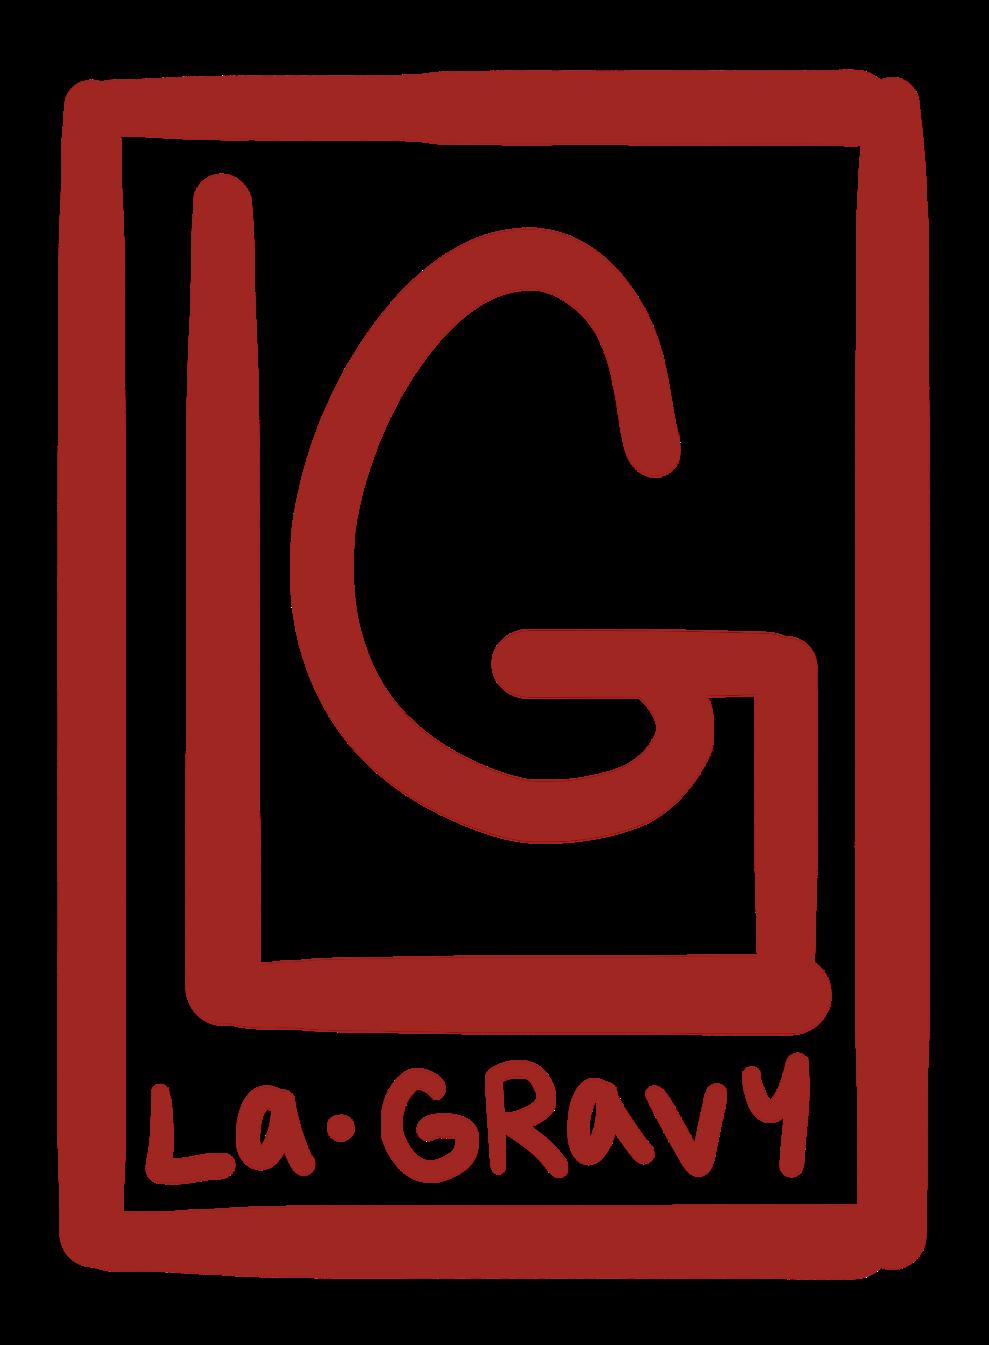 La Gravy